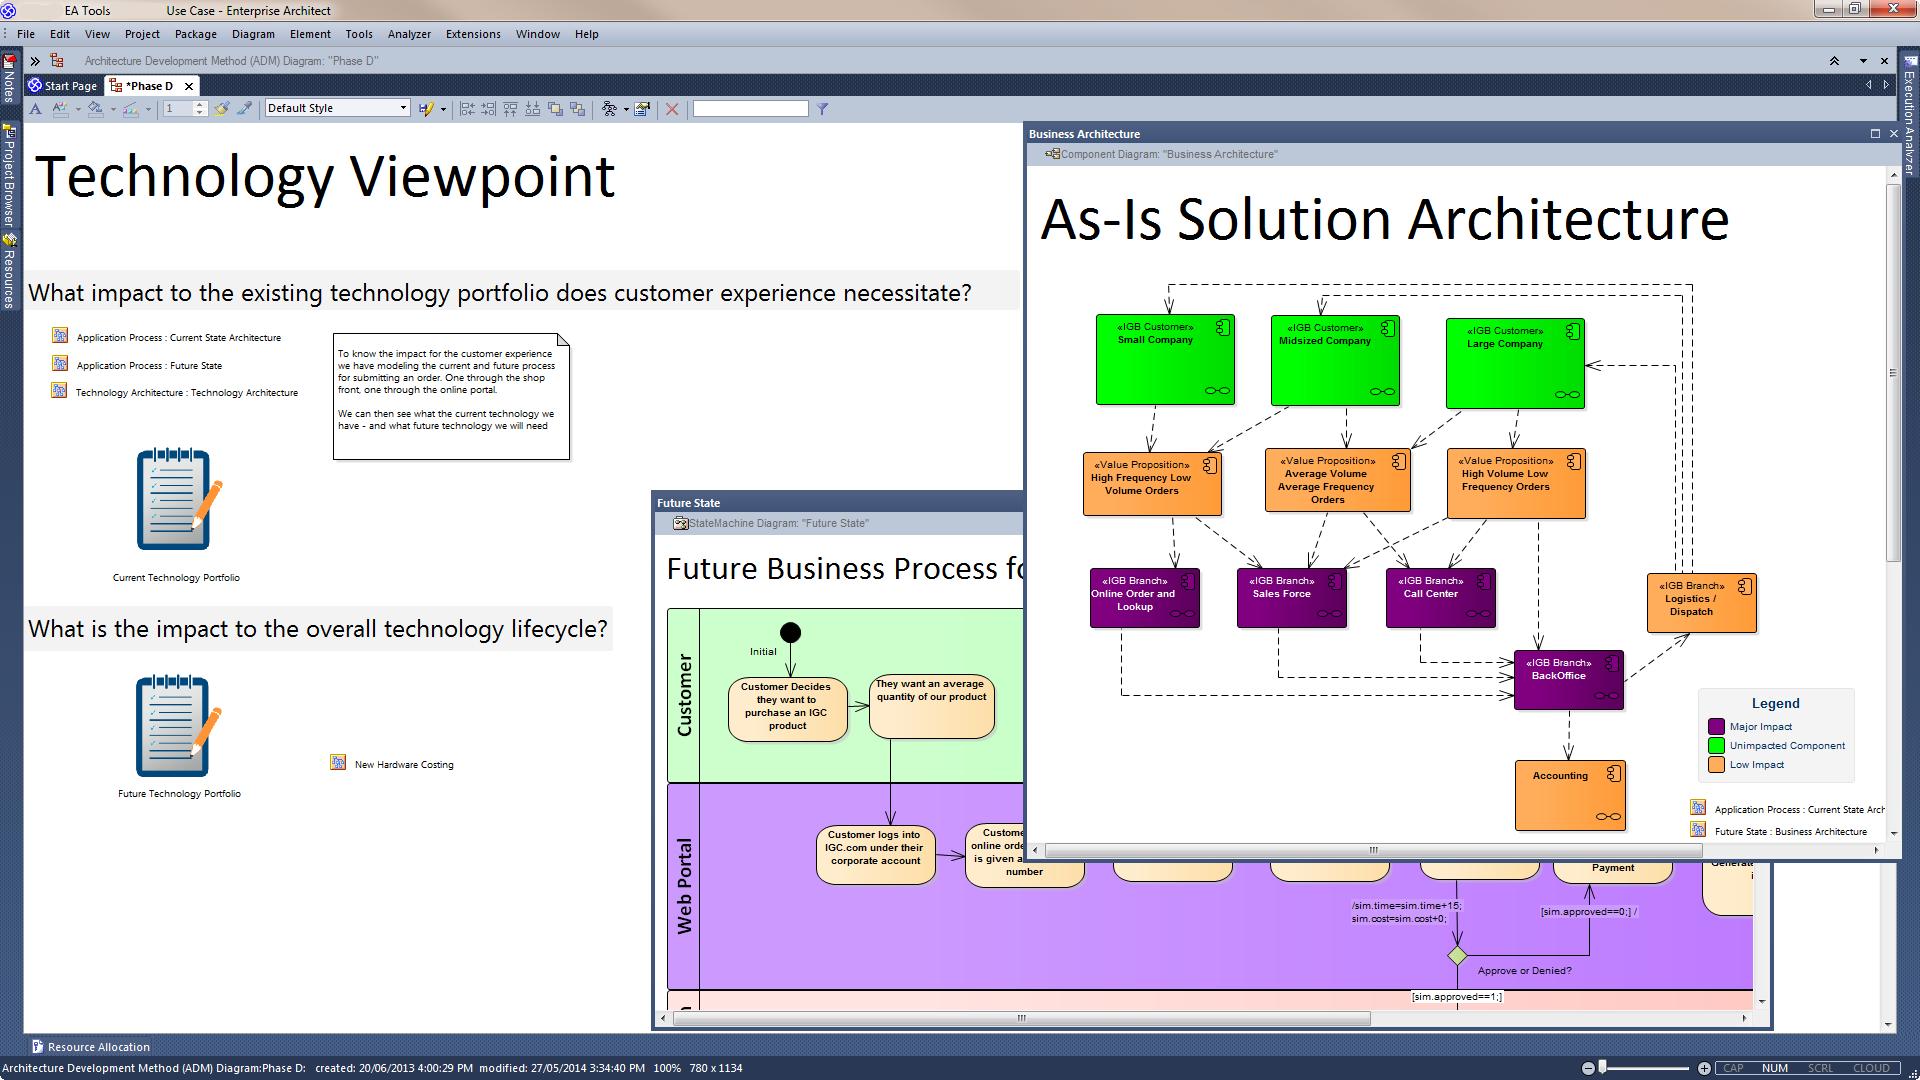 Enterprise architect the enterprise architecture solution for Entreprise architecte download